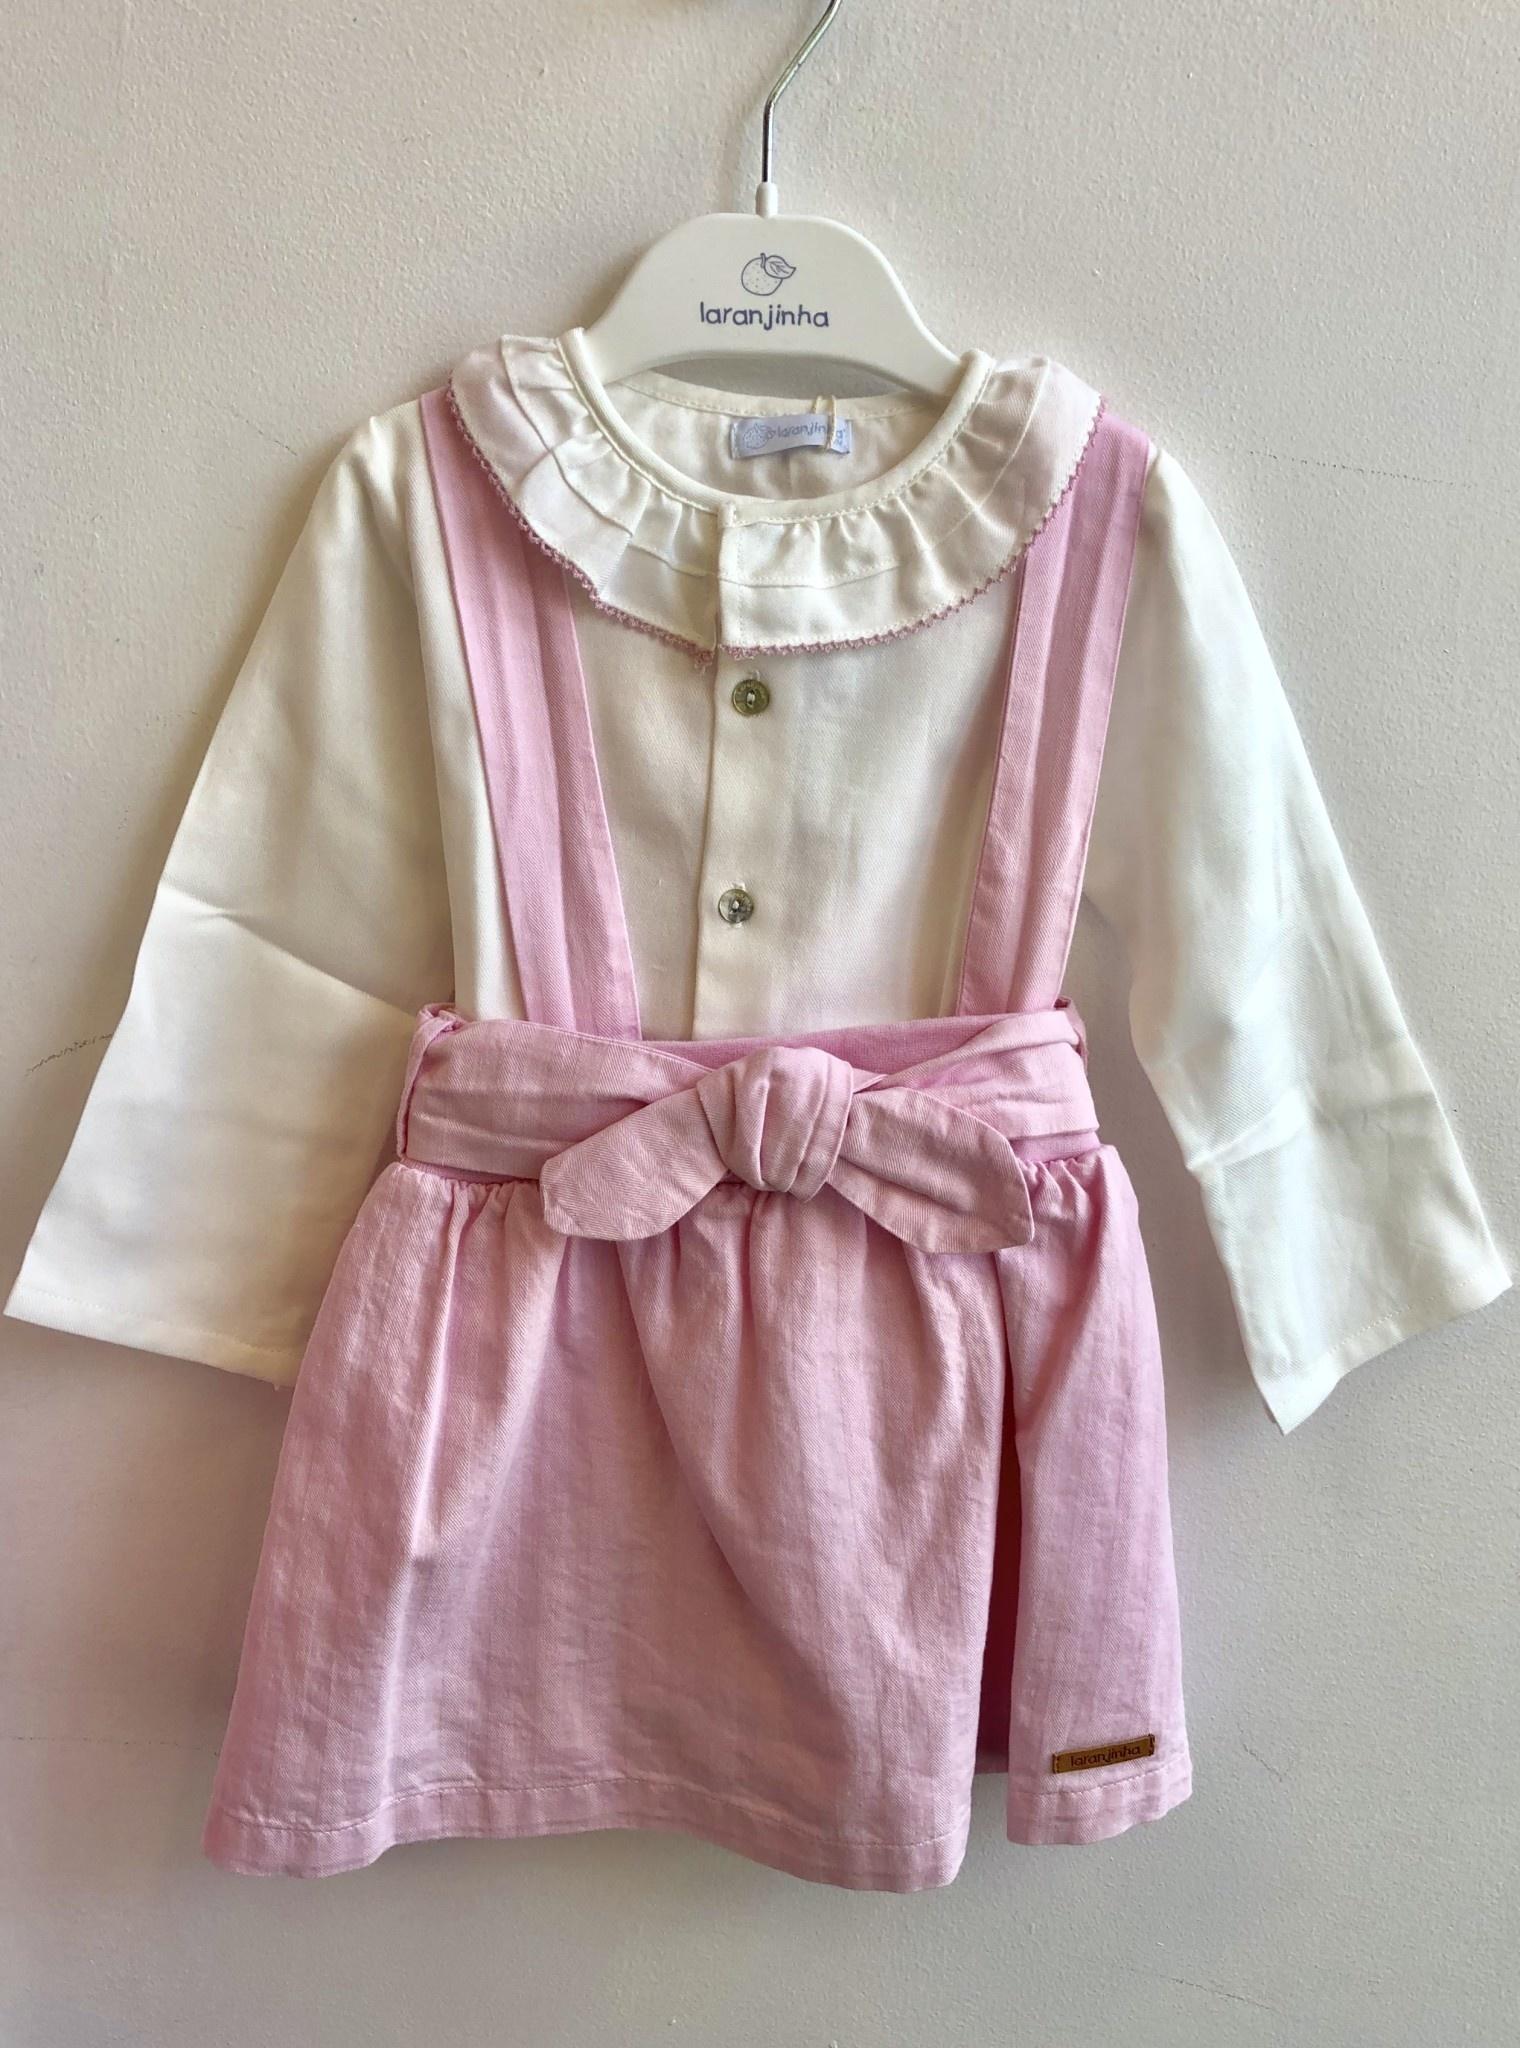 Larajinha Laranjinha pink skirt and body with frill collar